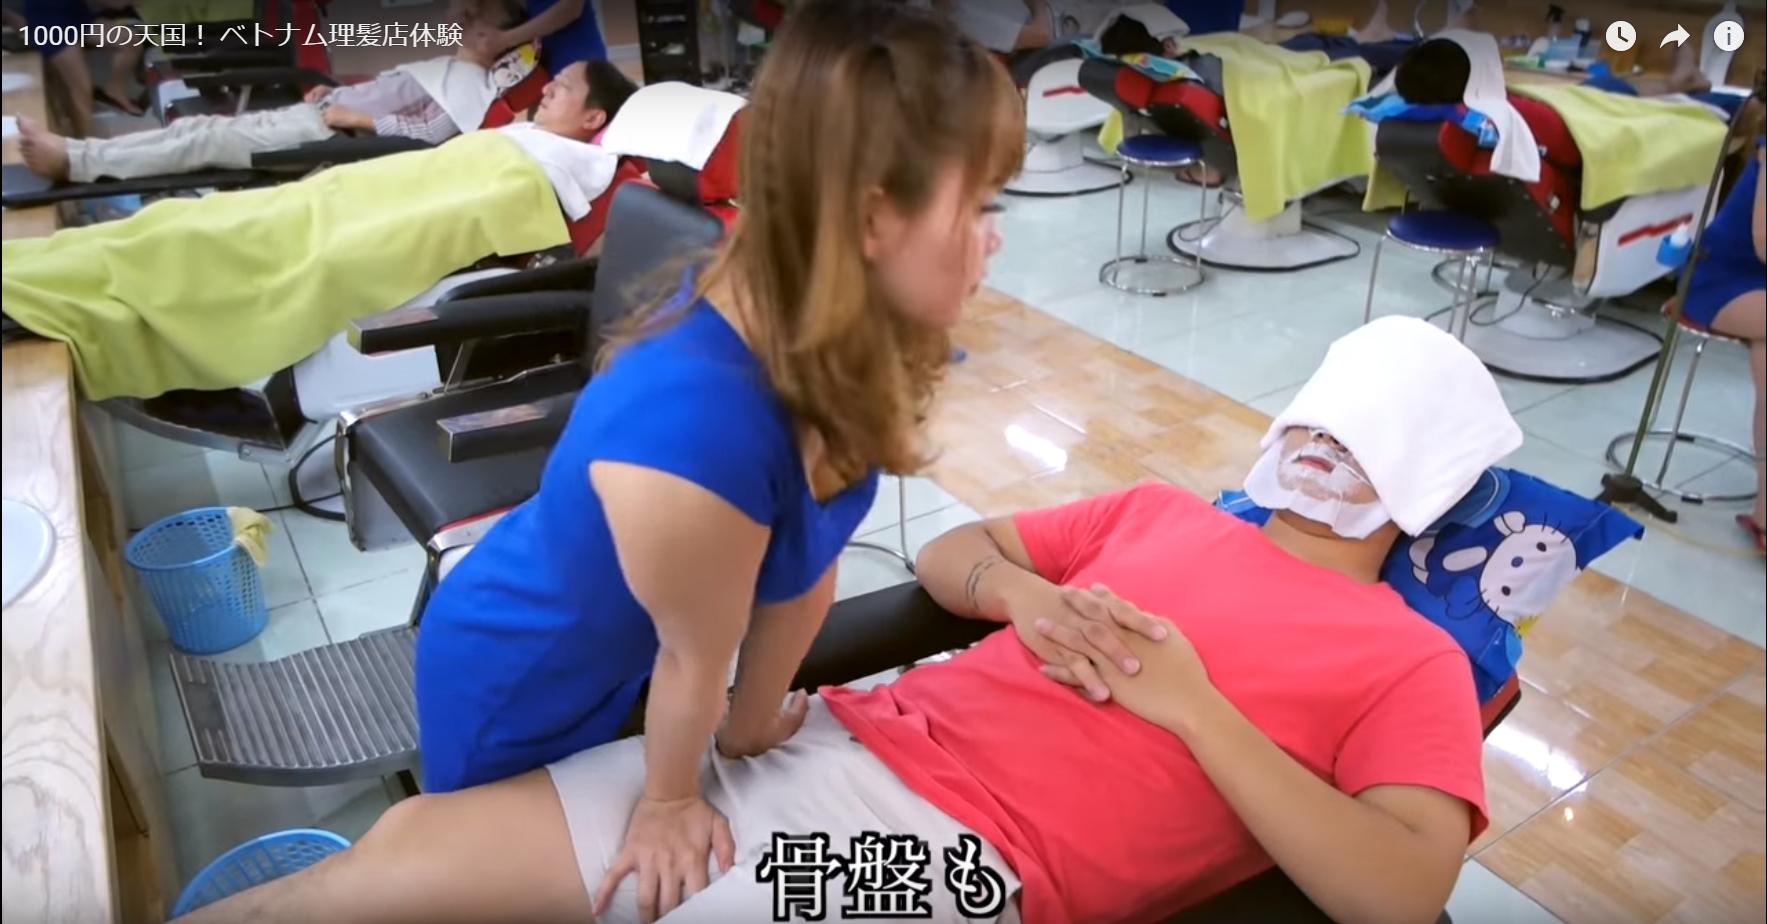 【画像あり】1000円でやってもらえるベトナムのマッサージwwwwwwwwwwwwww